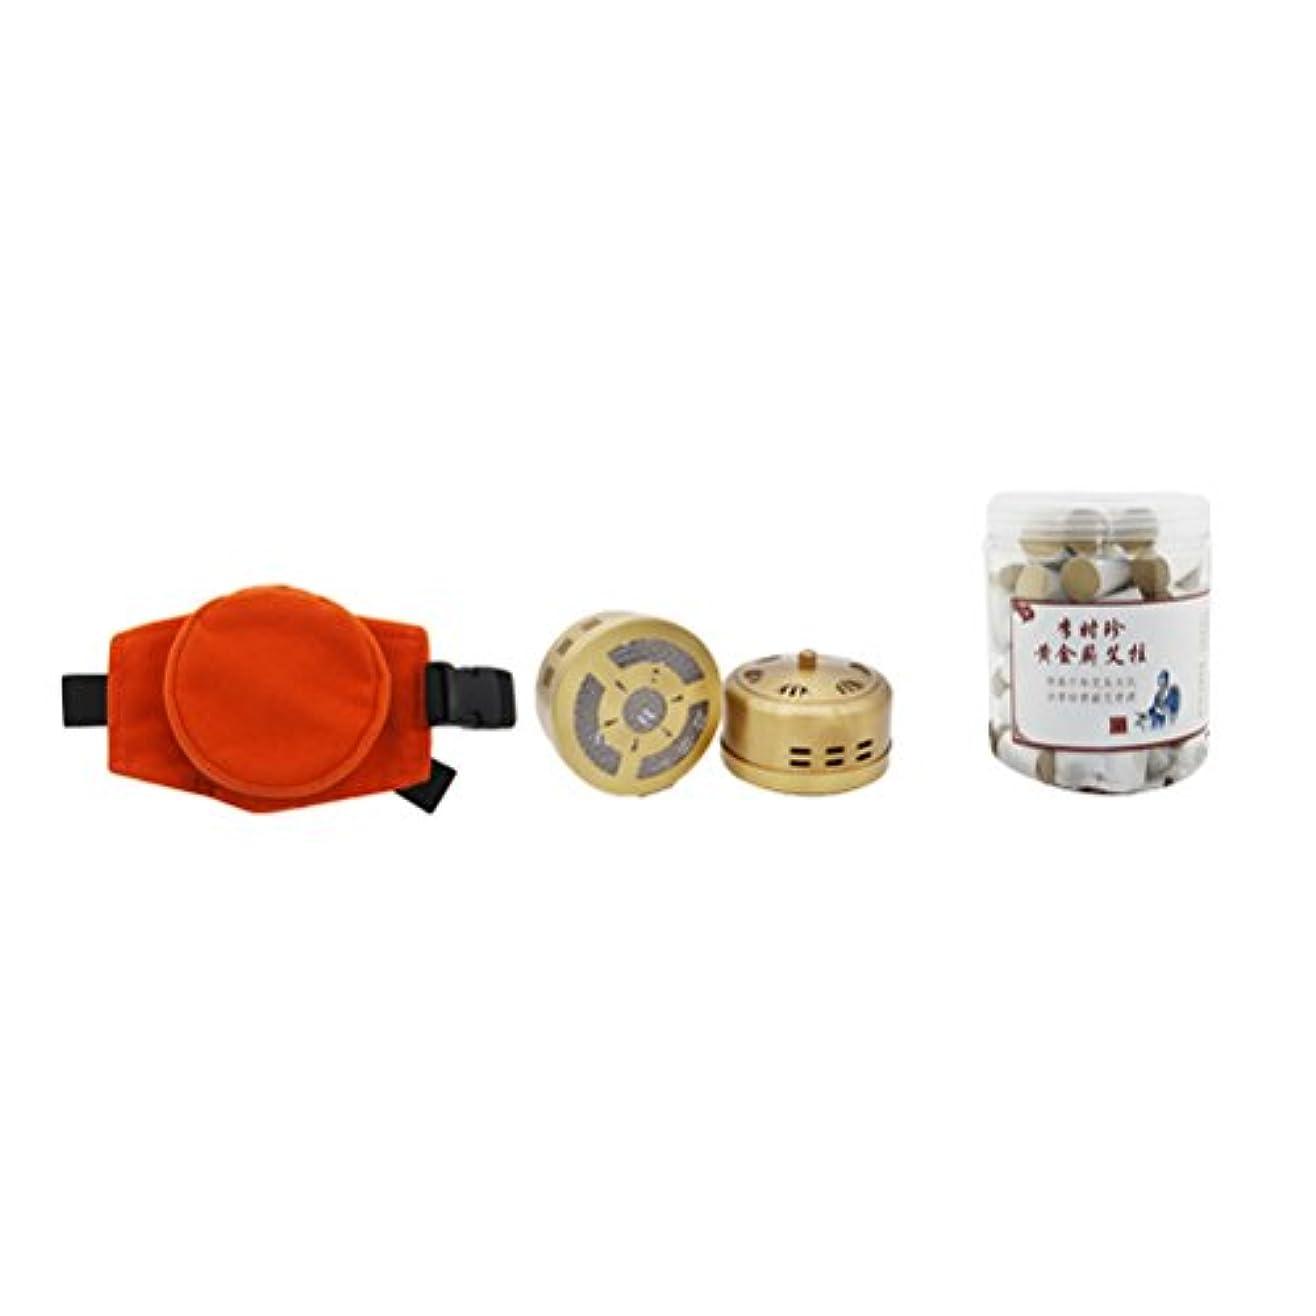 奇跡ピニオンタイピスト灸スティックバーナーボックス無煙Moxa清浄器銅タンク調節可能なポケットと60個の腰部頚部の膝関節炎痛み緩和のための灸棒の灸治療の箱